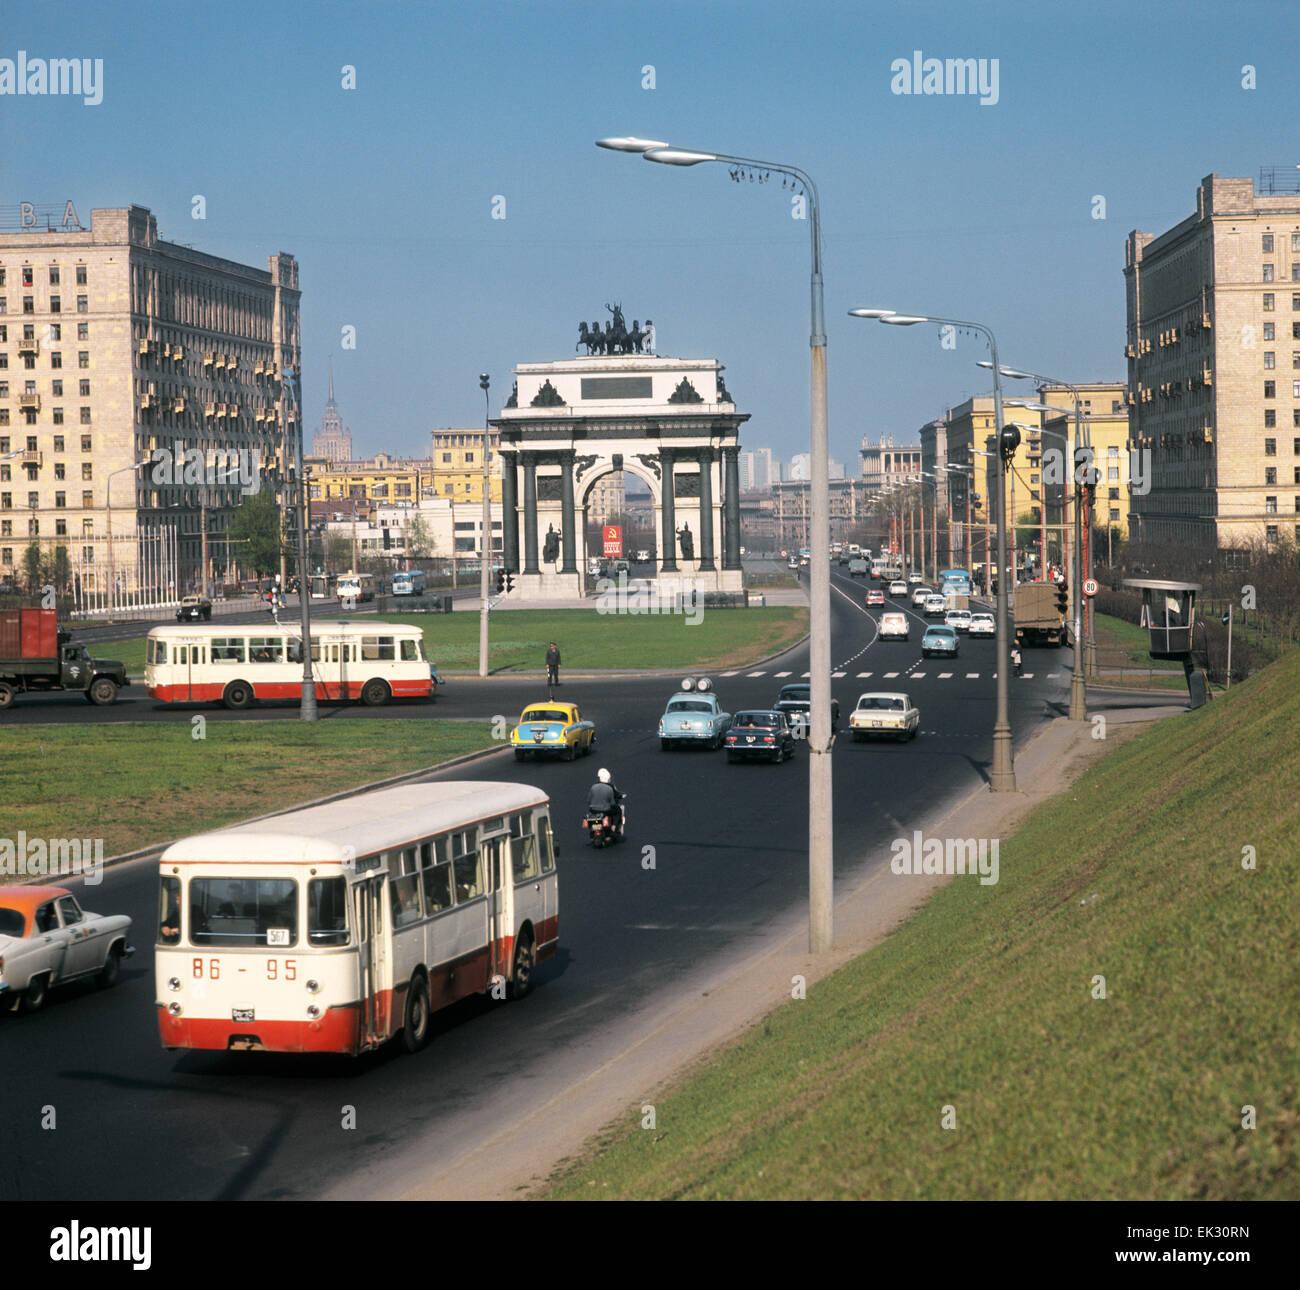 Moscow. USSR. Kutuzov Avenue. - Stock Image